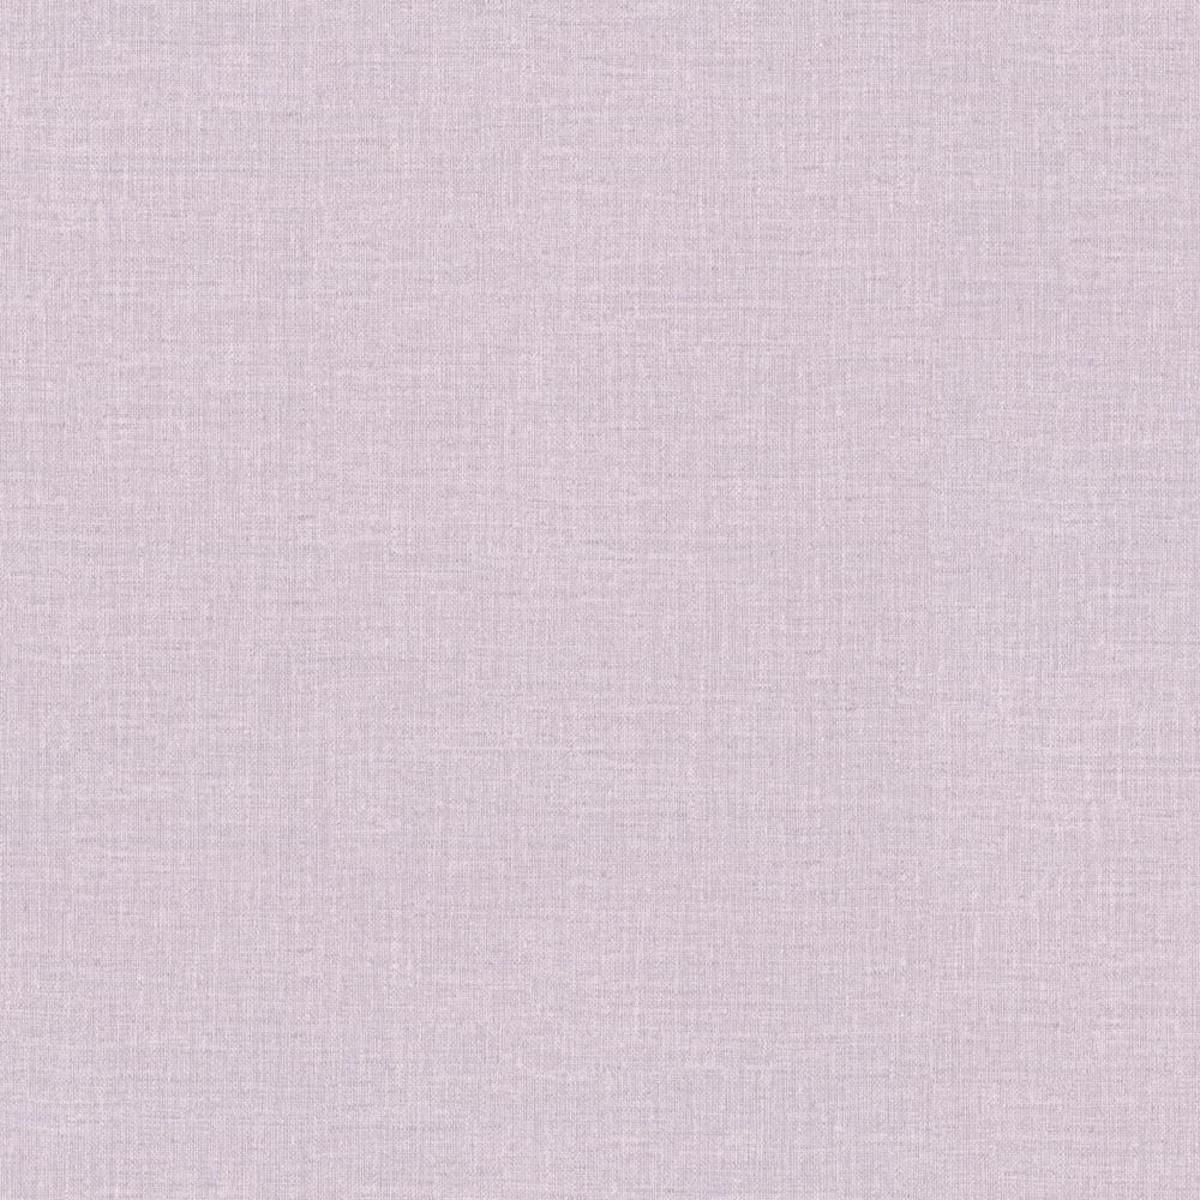 Обои виниловые Trend Color Gradient TC71336-56 1.06 м